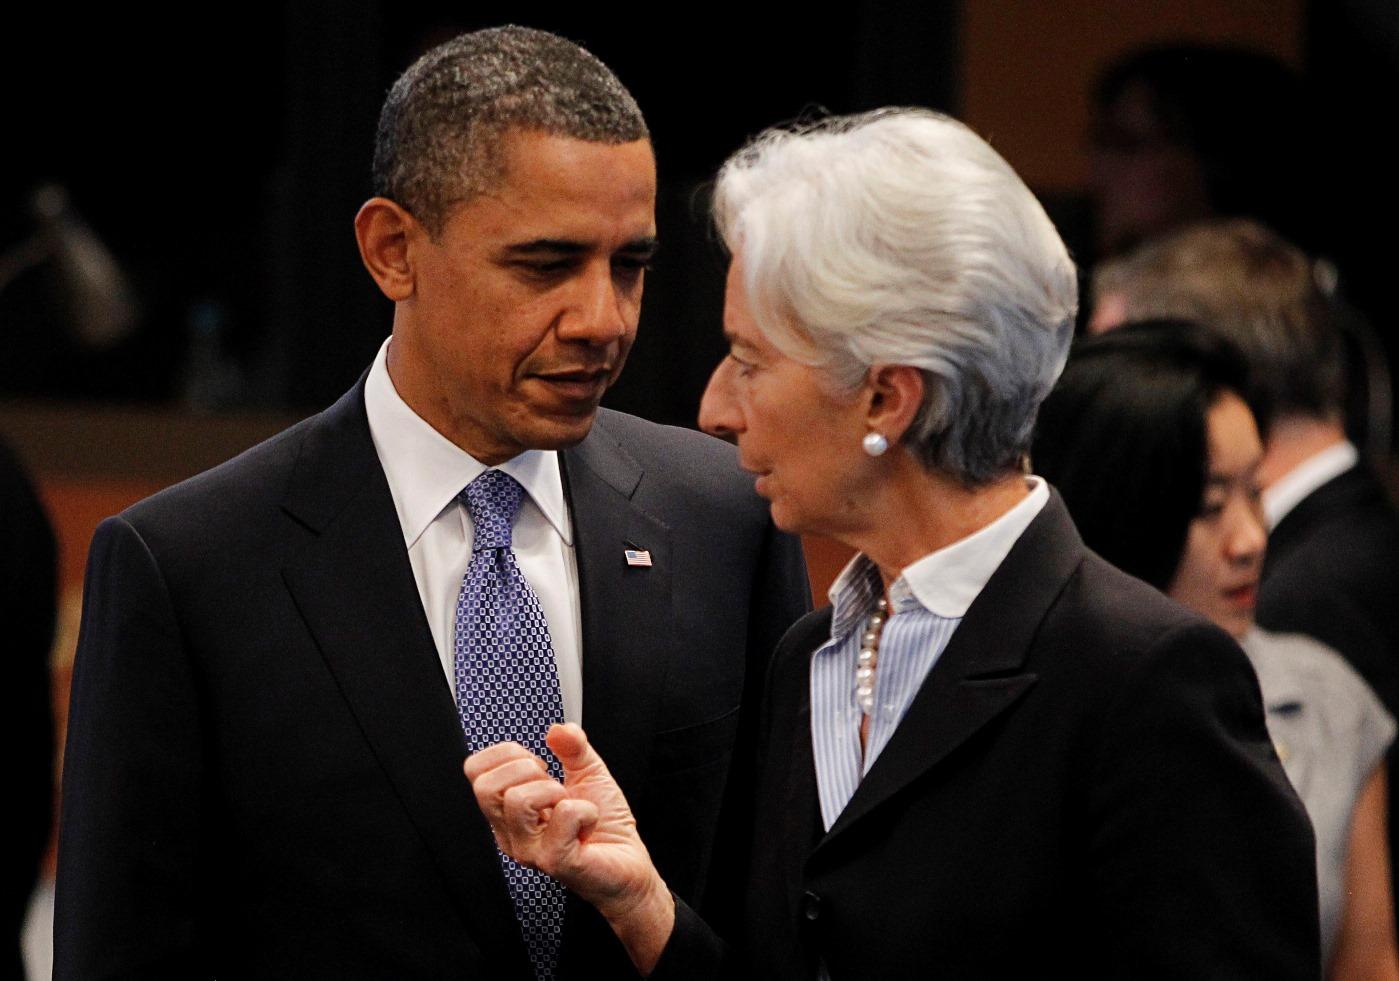 Ομπάμα προς NSA: «Μην παρακολουθείτε ΔΝΤ και Παγκόσμια Τράπεζα»